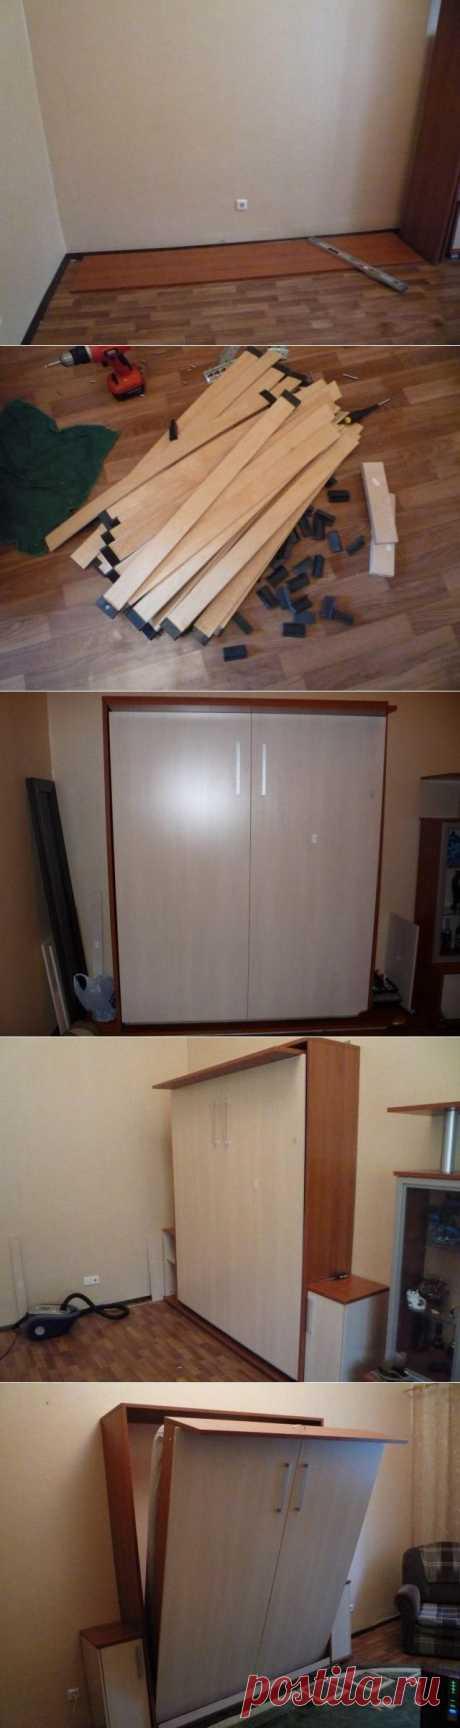 (+1) - Шкаф-кровать своими руками | МАСТЕРА